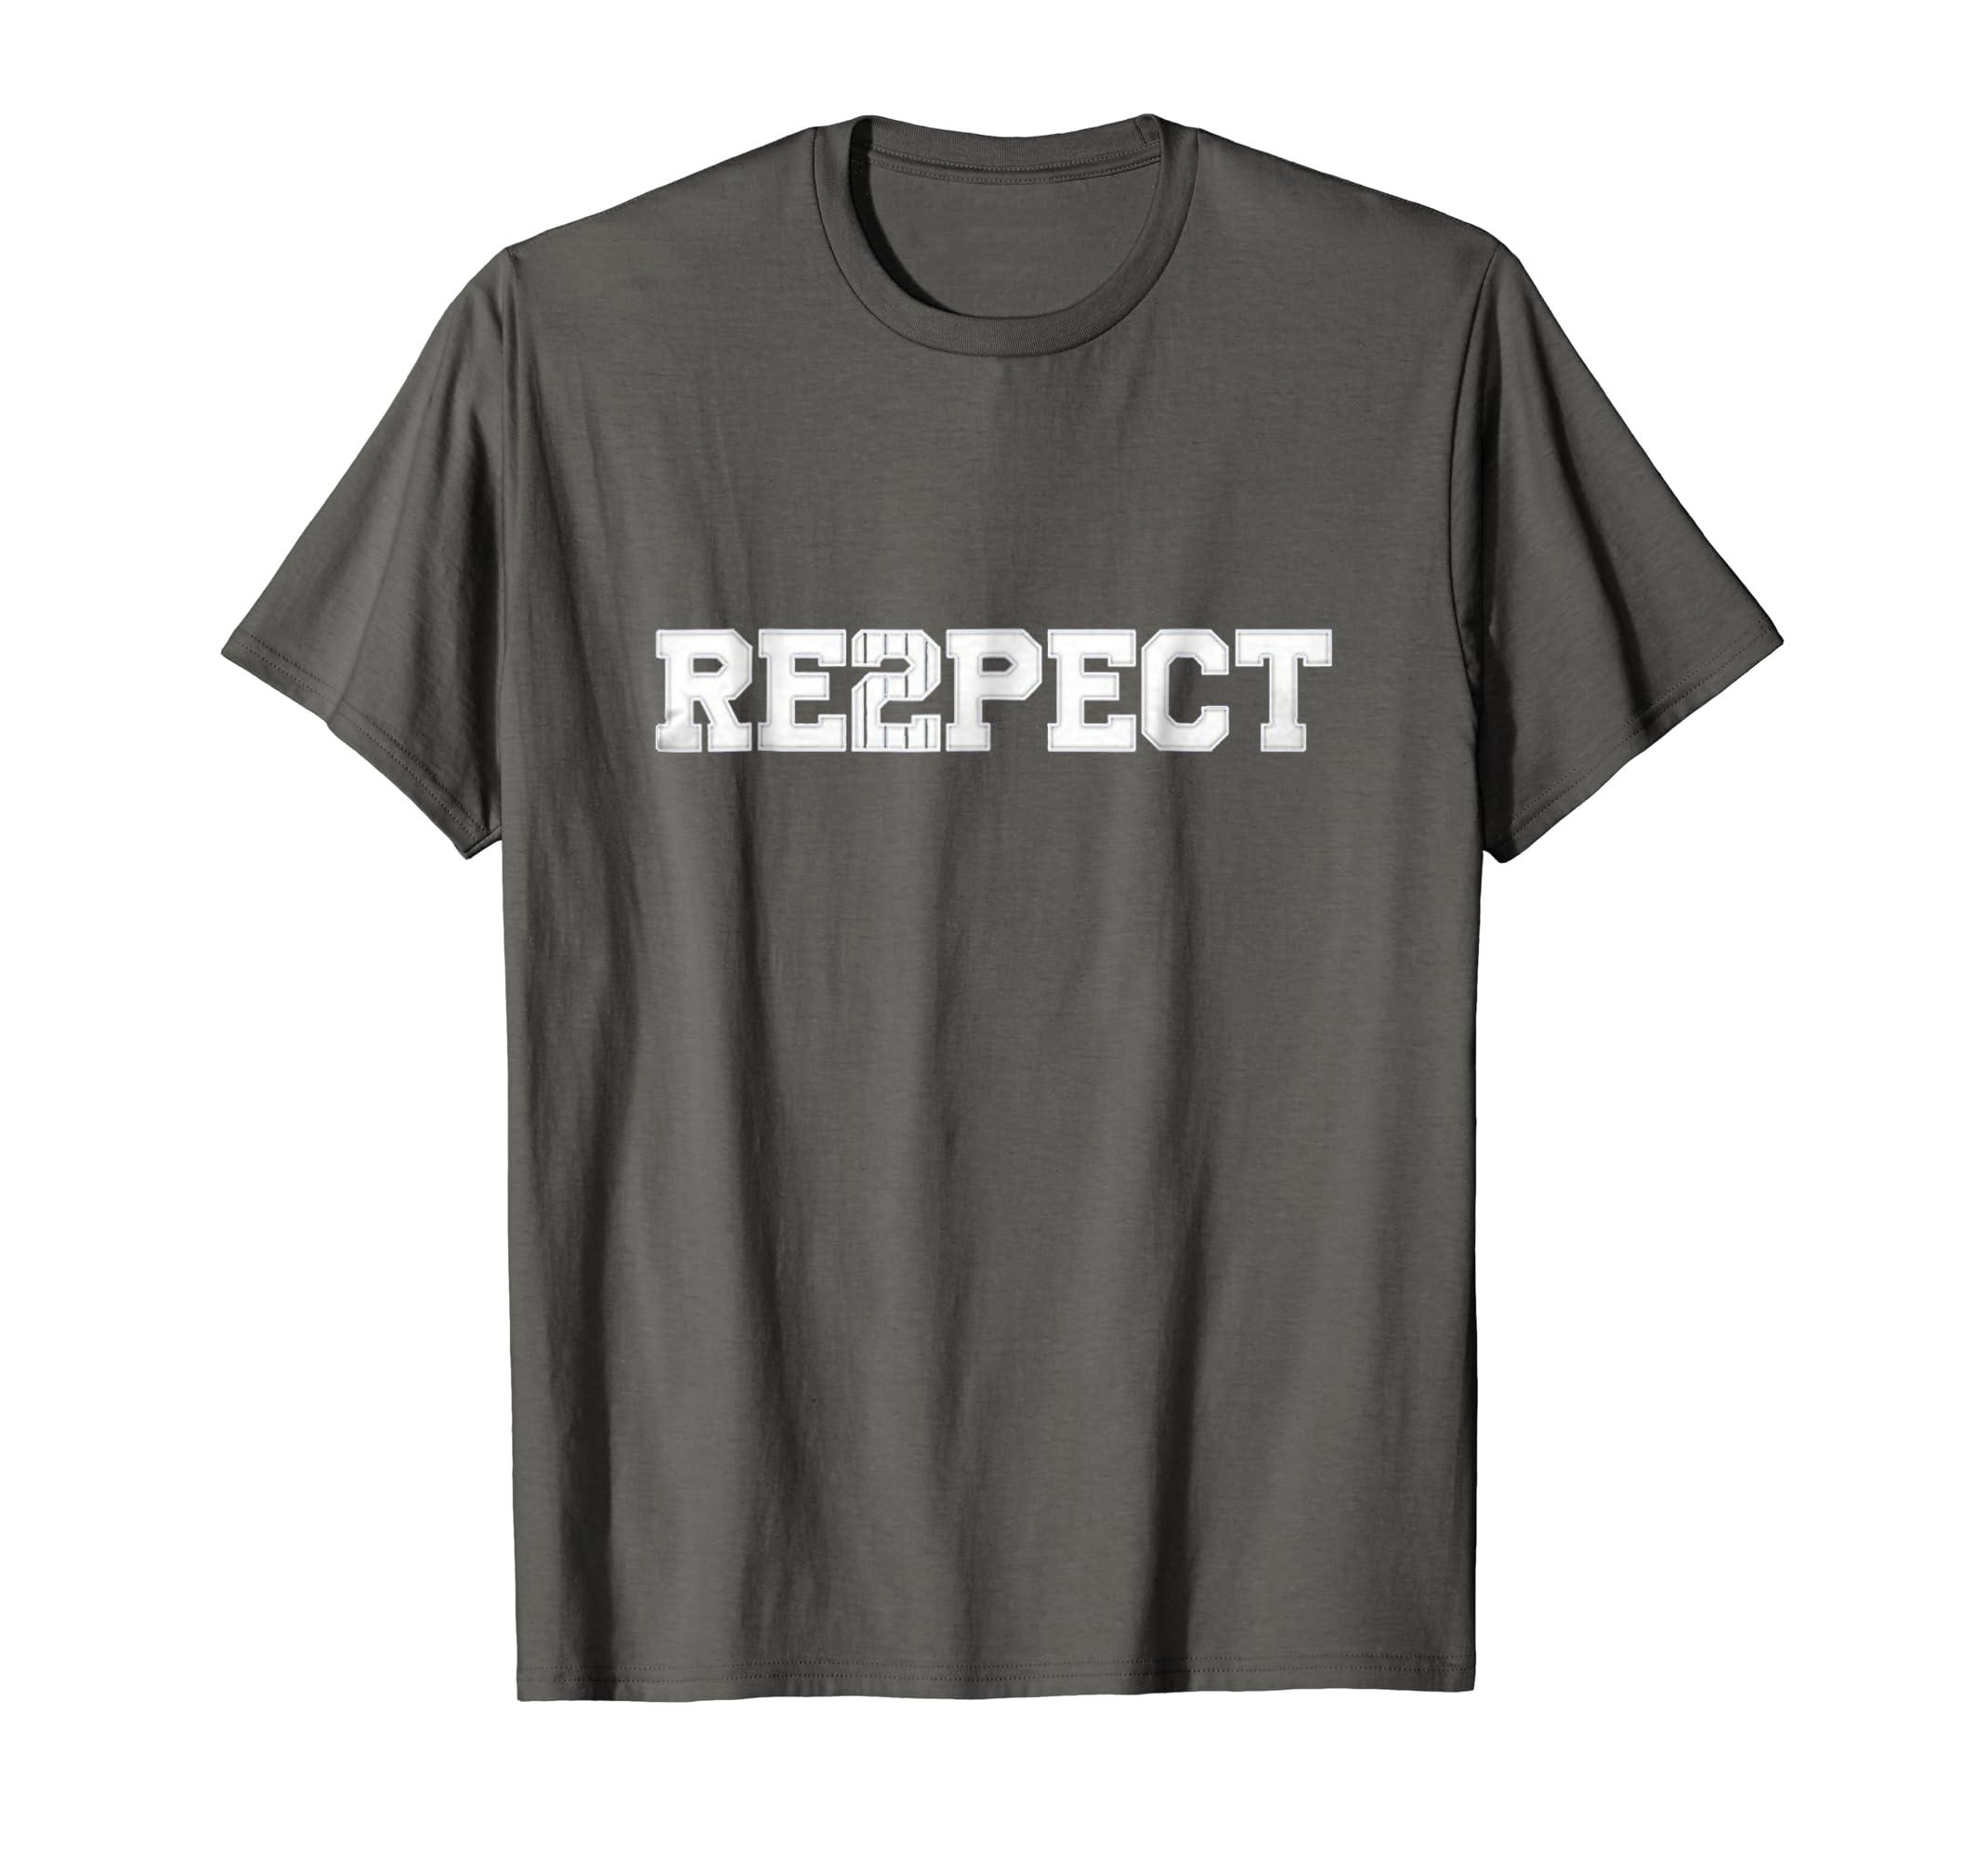 94a2963c898 Amazon.com: Re2pect T-Shirt Respect Derek Tee Shirt: Clothing